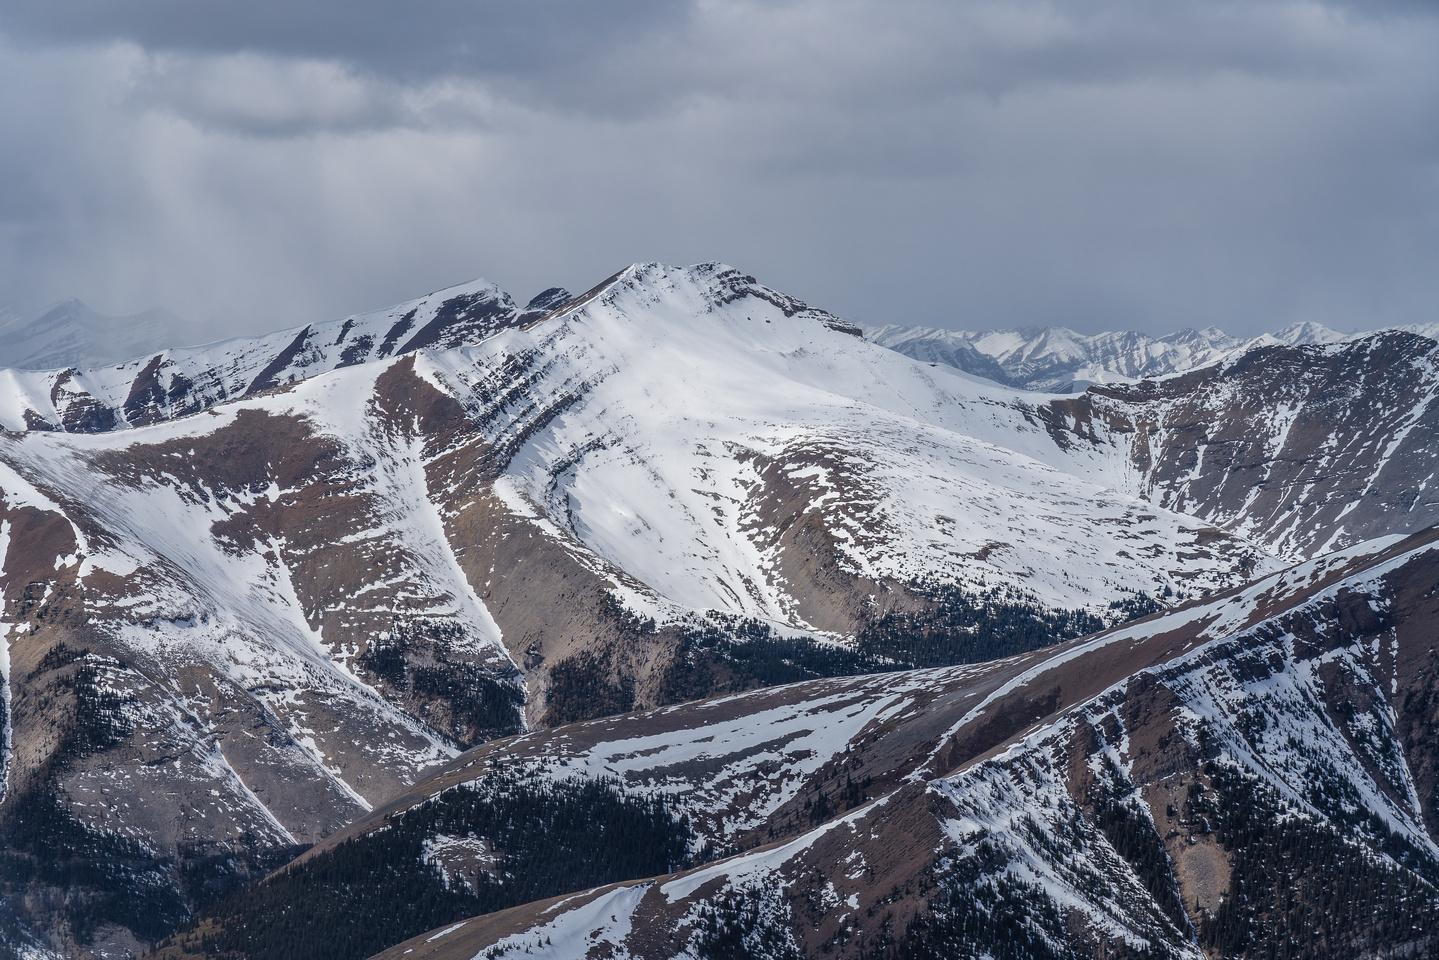 Gable Mountain.